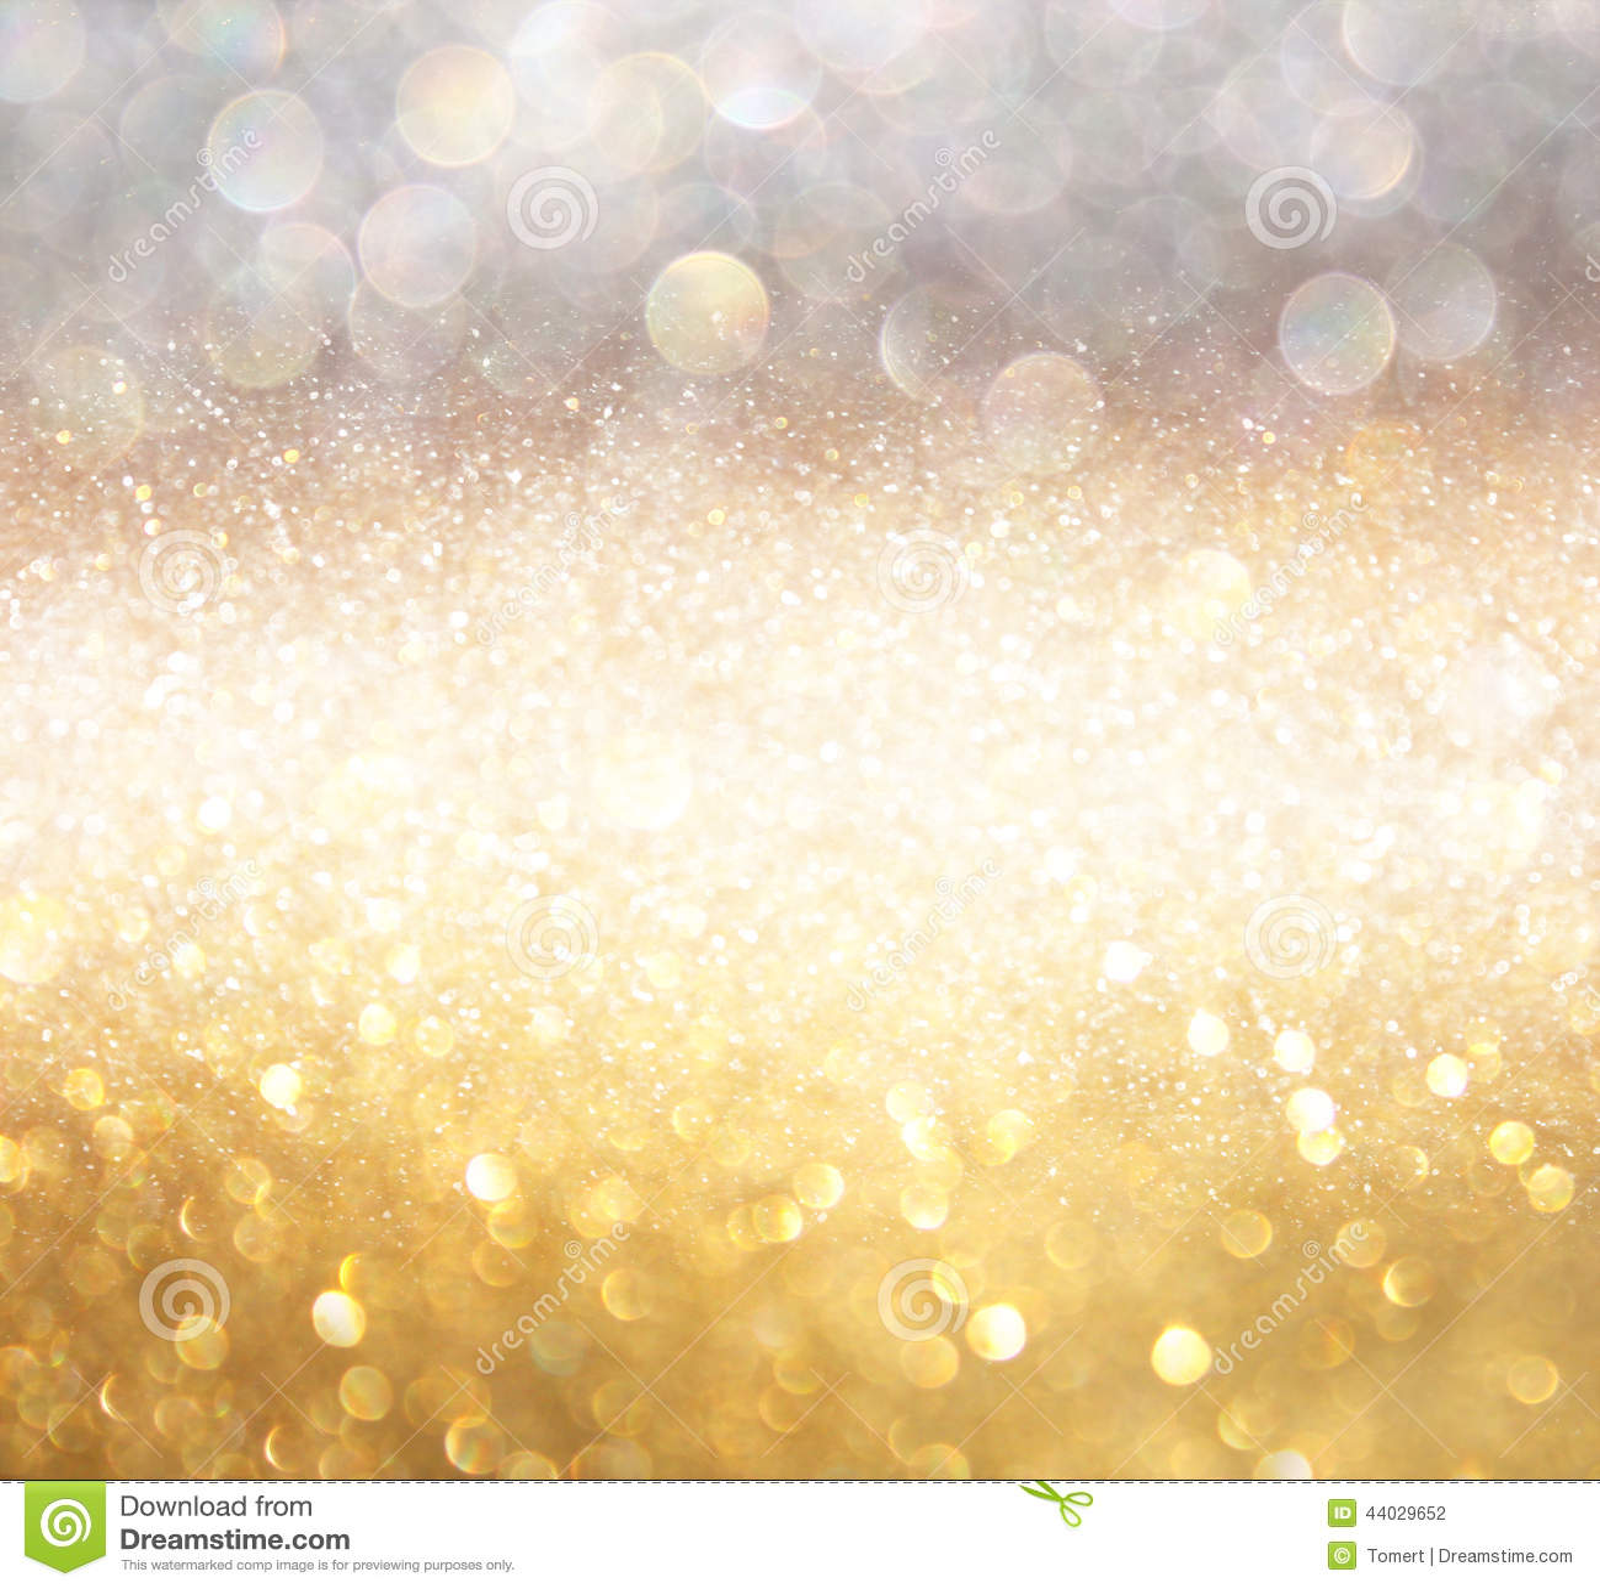 Det abstrakta fotoet av ljus brast och blänker bokehljus bilden är suddig och filtrerad